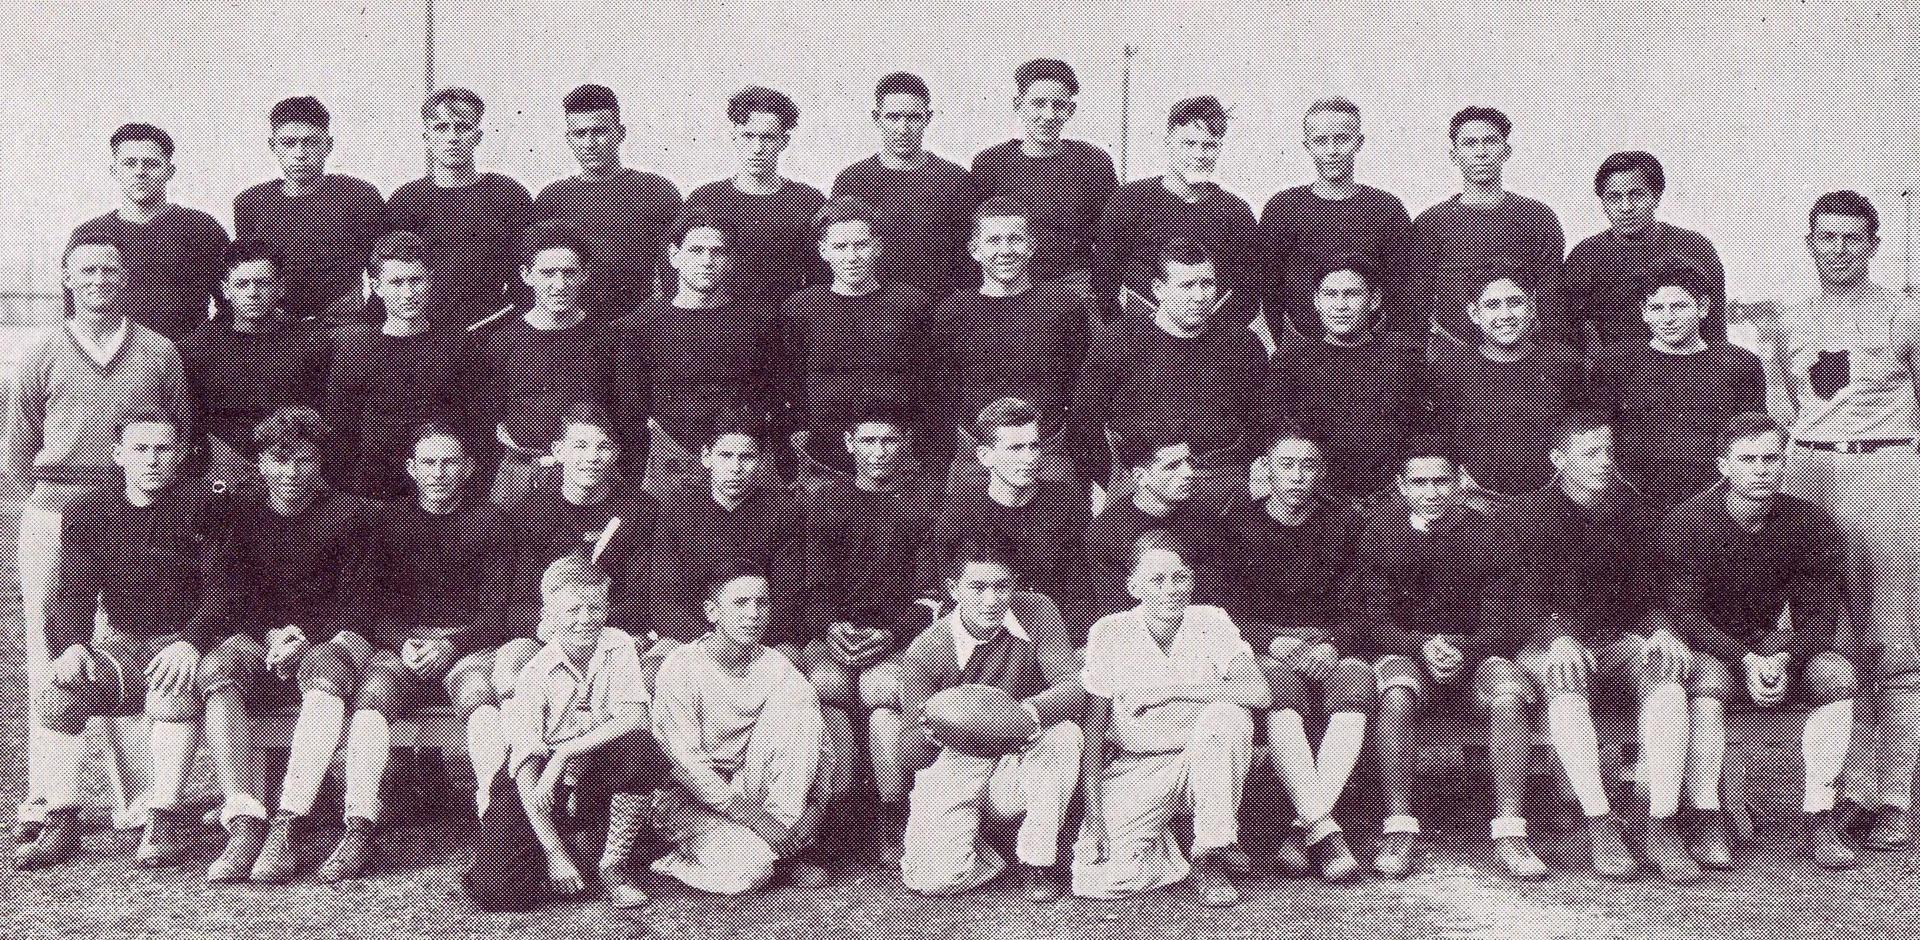 football team 1920